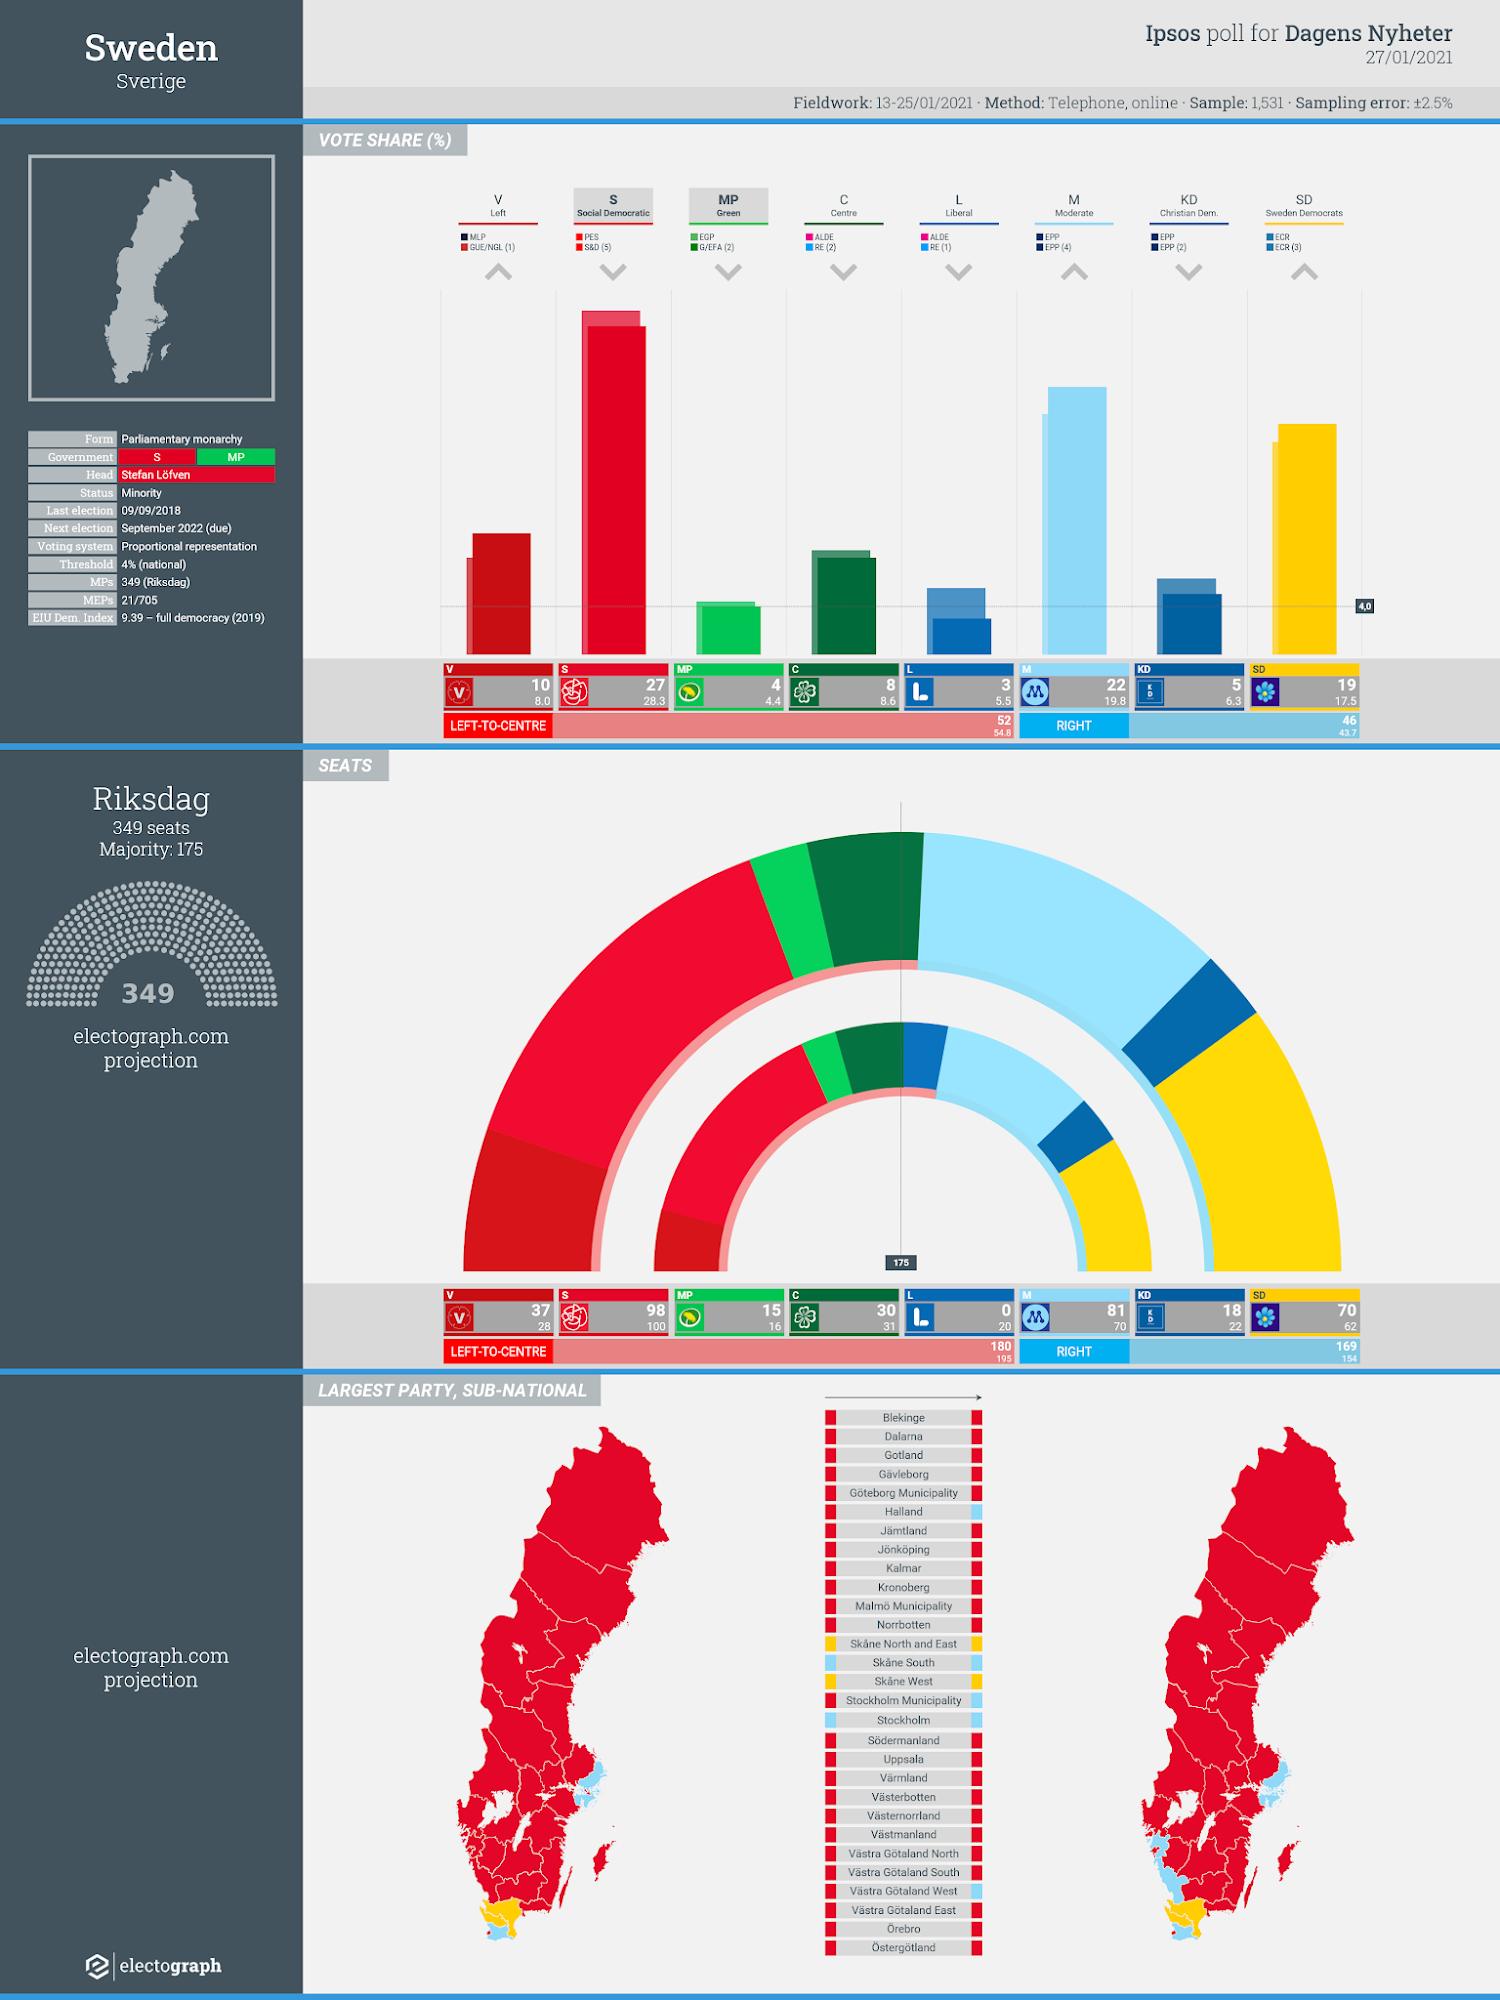 SWEDEN: Ipsos poll chart for Dagens Nyheter, 27 January 2021